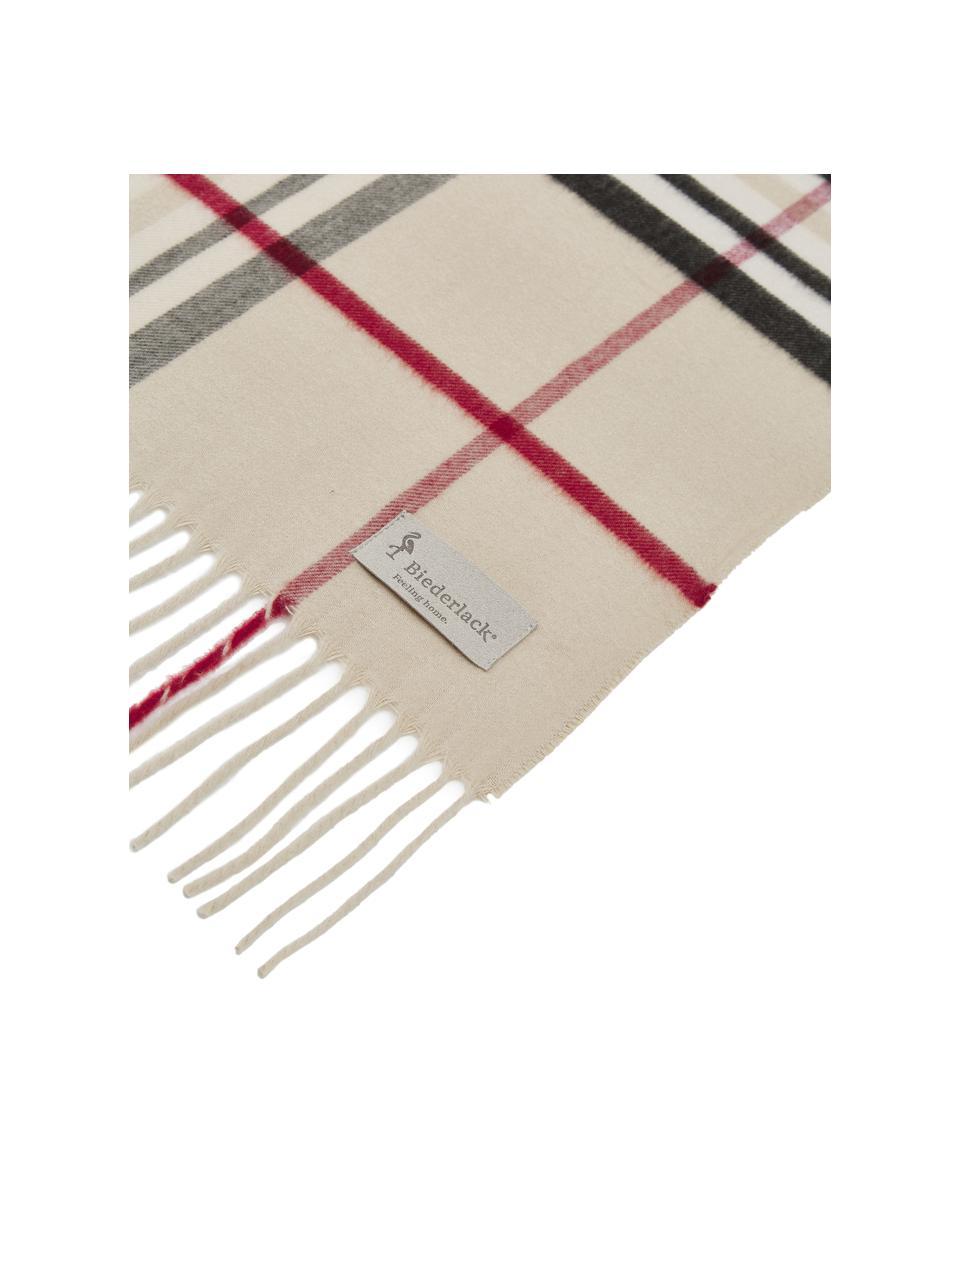 Pled Classy Side, 100% poliakryl, Beżowy, kremowy, czerwony, czarny, S 130 x D 170 cm